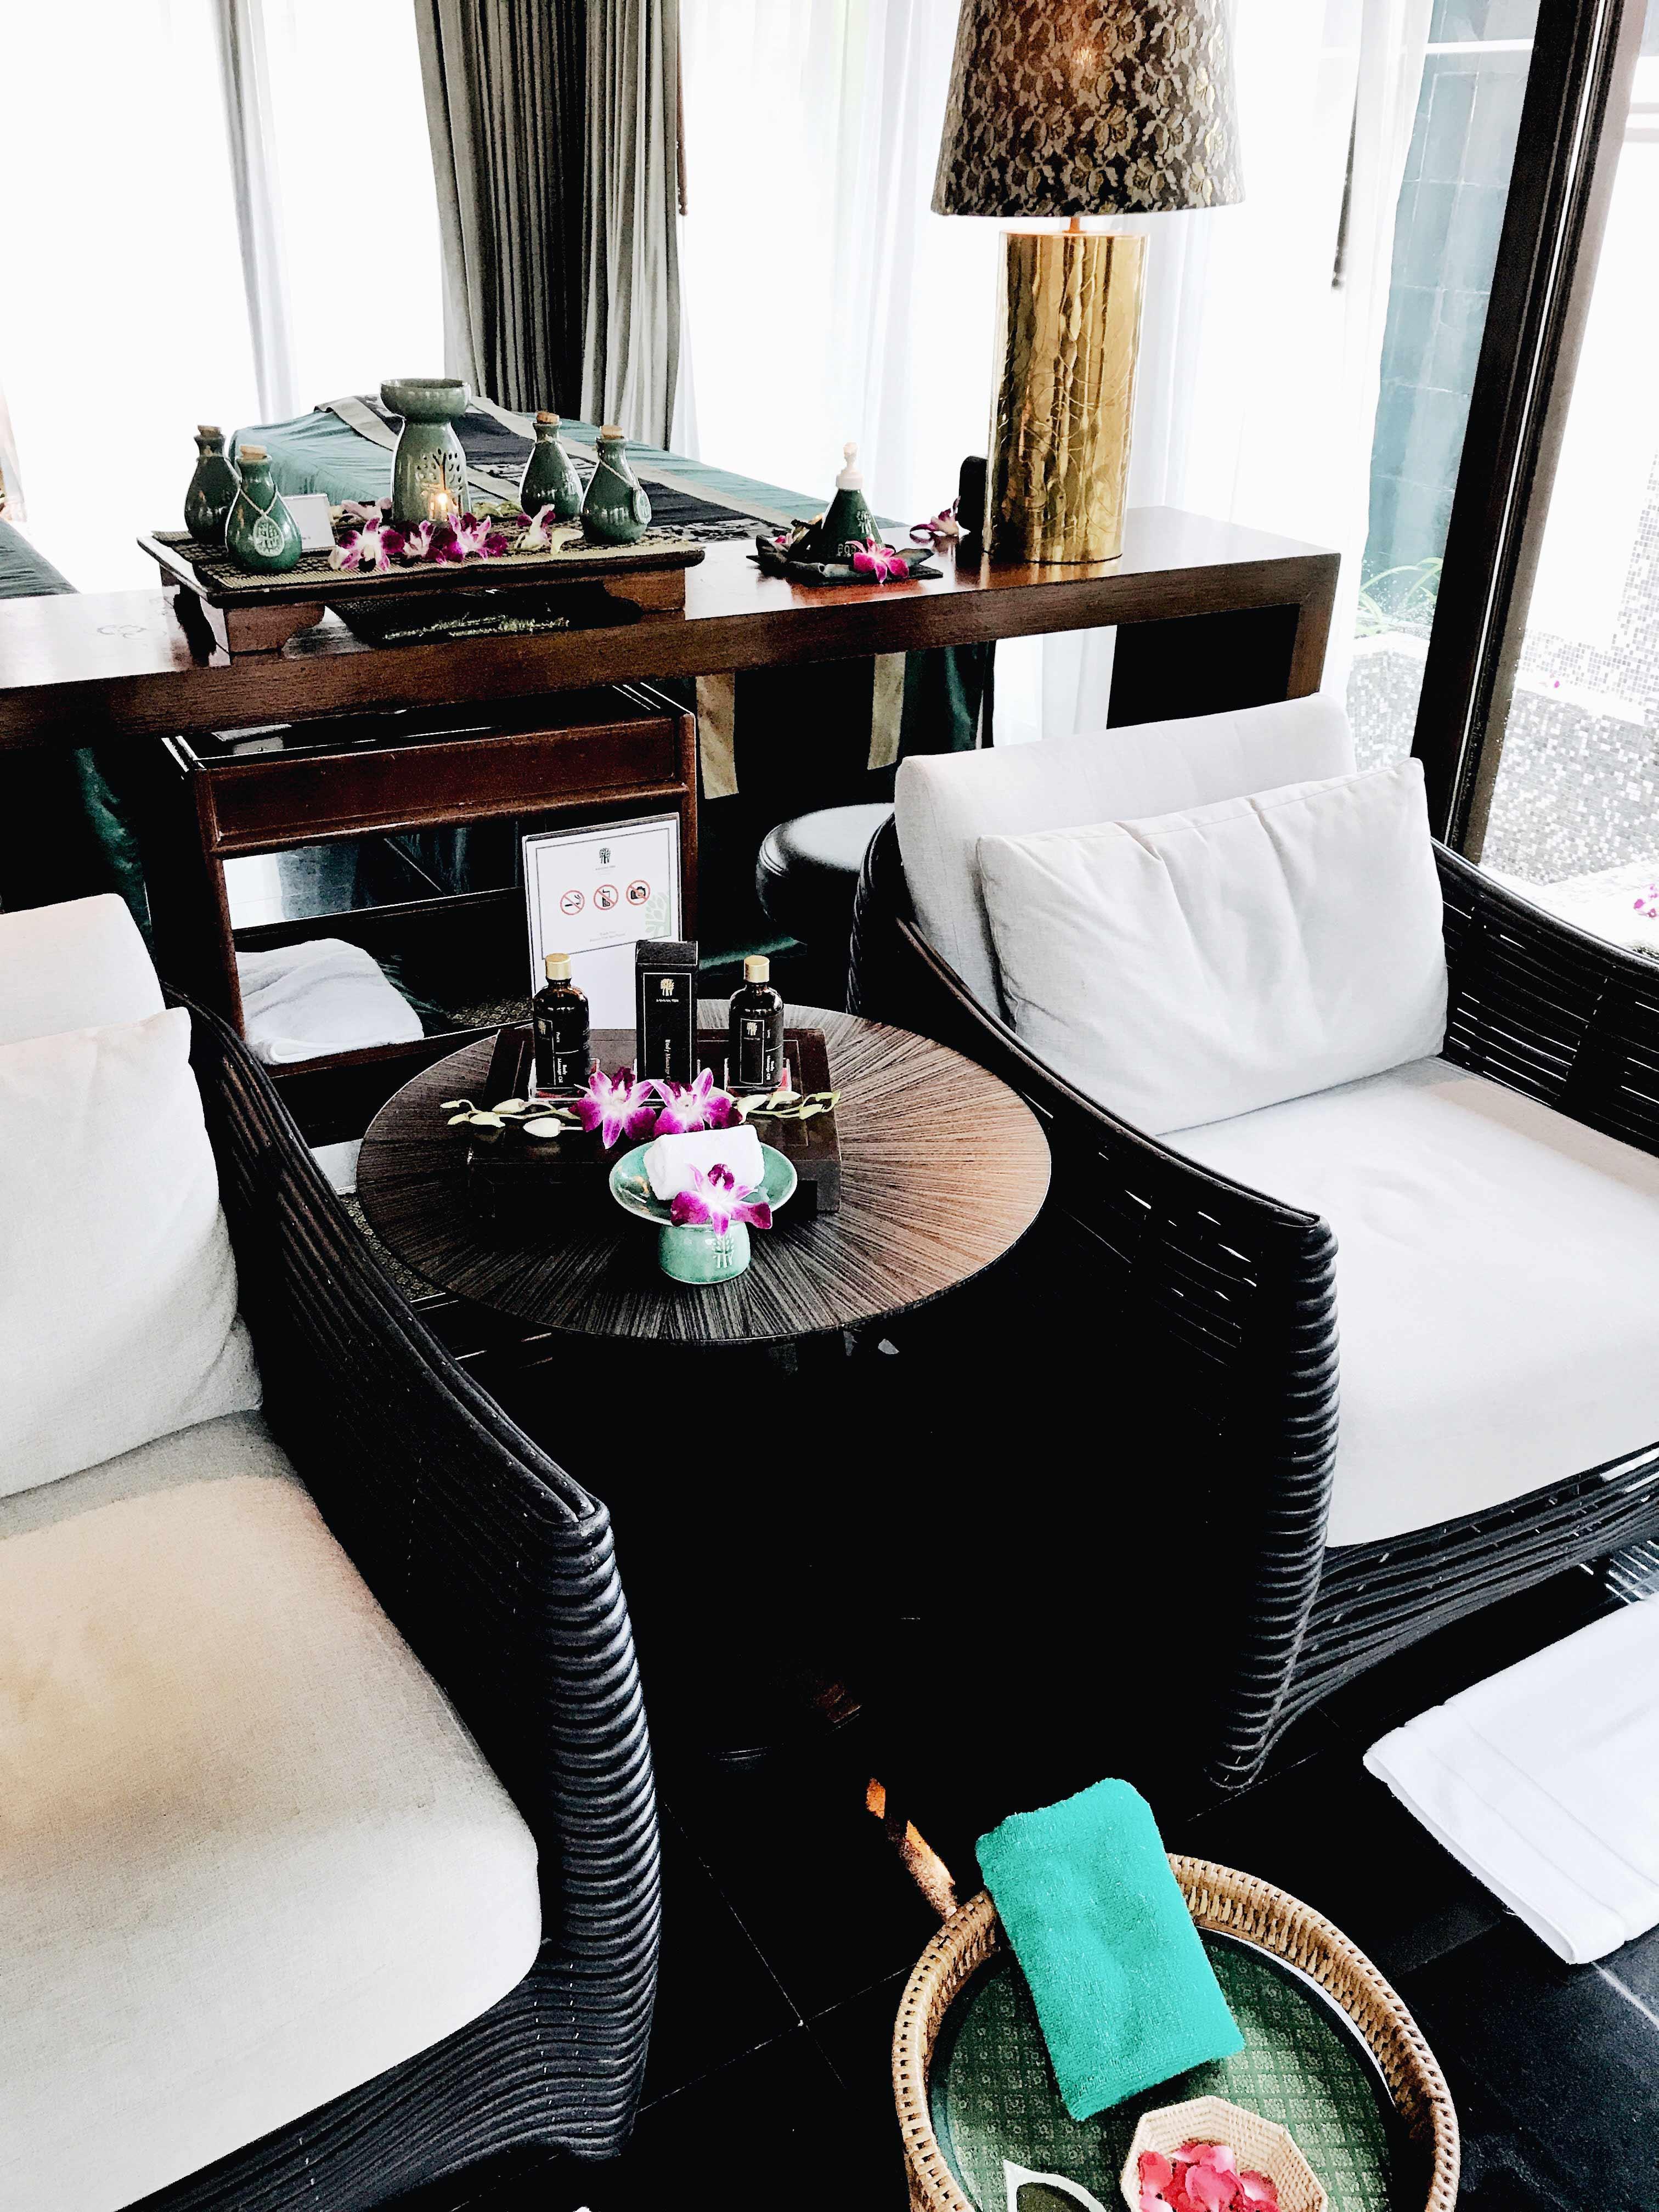 phuket Reisebericht Banyan Tree Resort Thailand für Anfänger